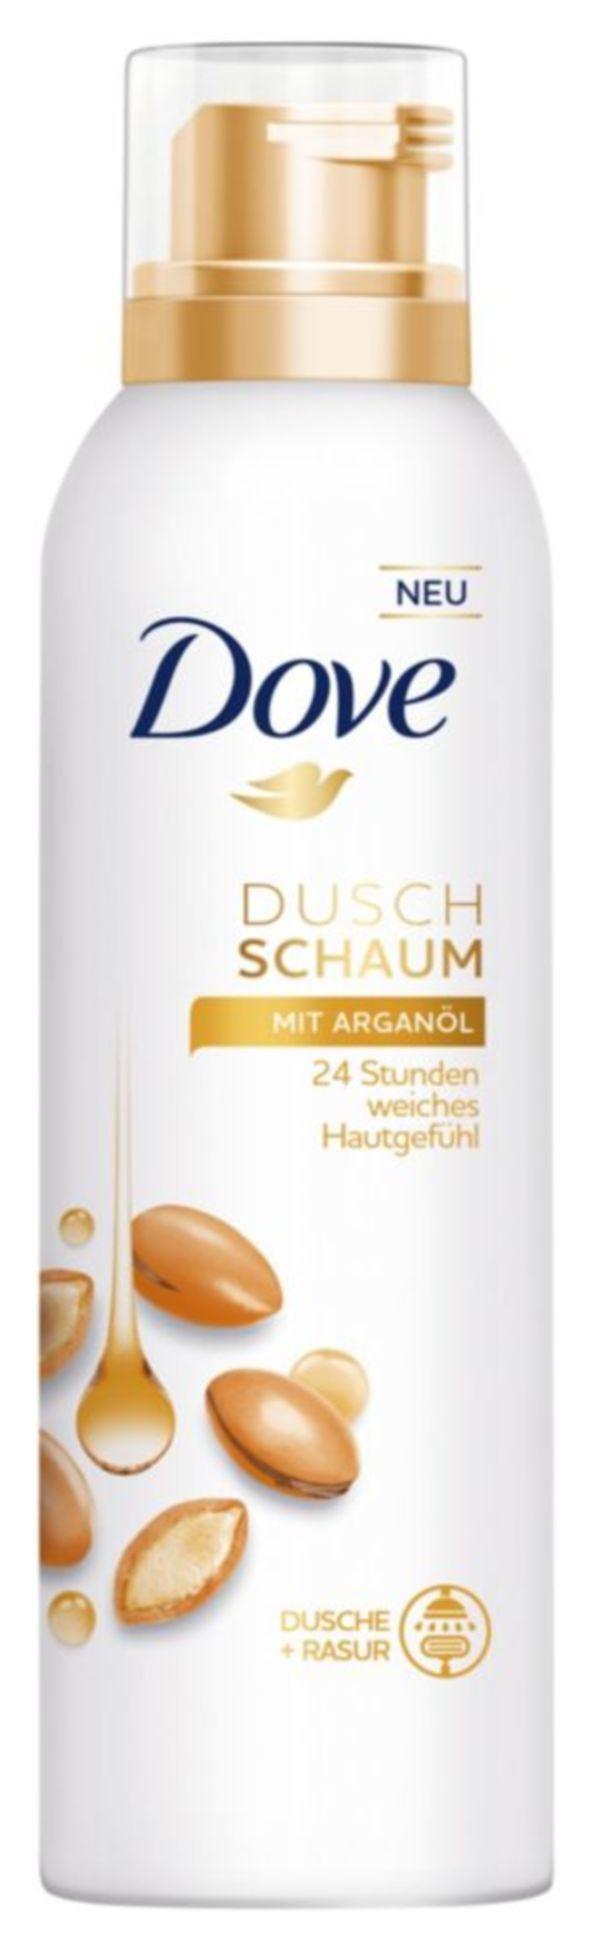 Dove Duschschaum Arganöl